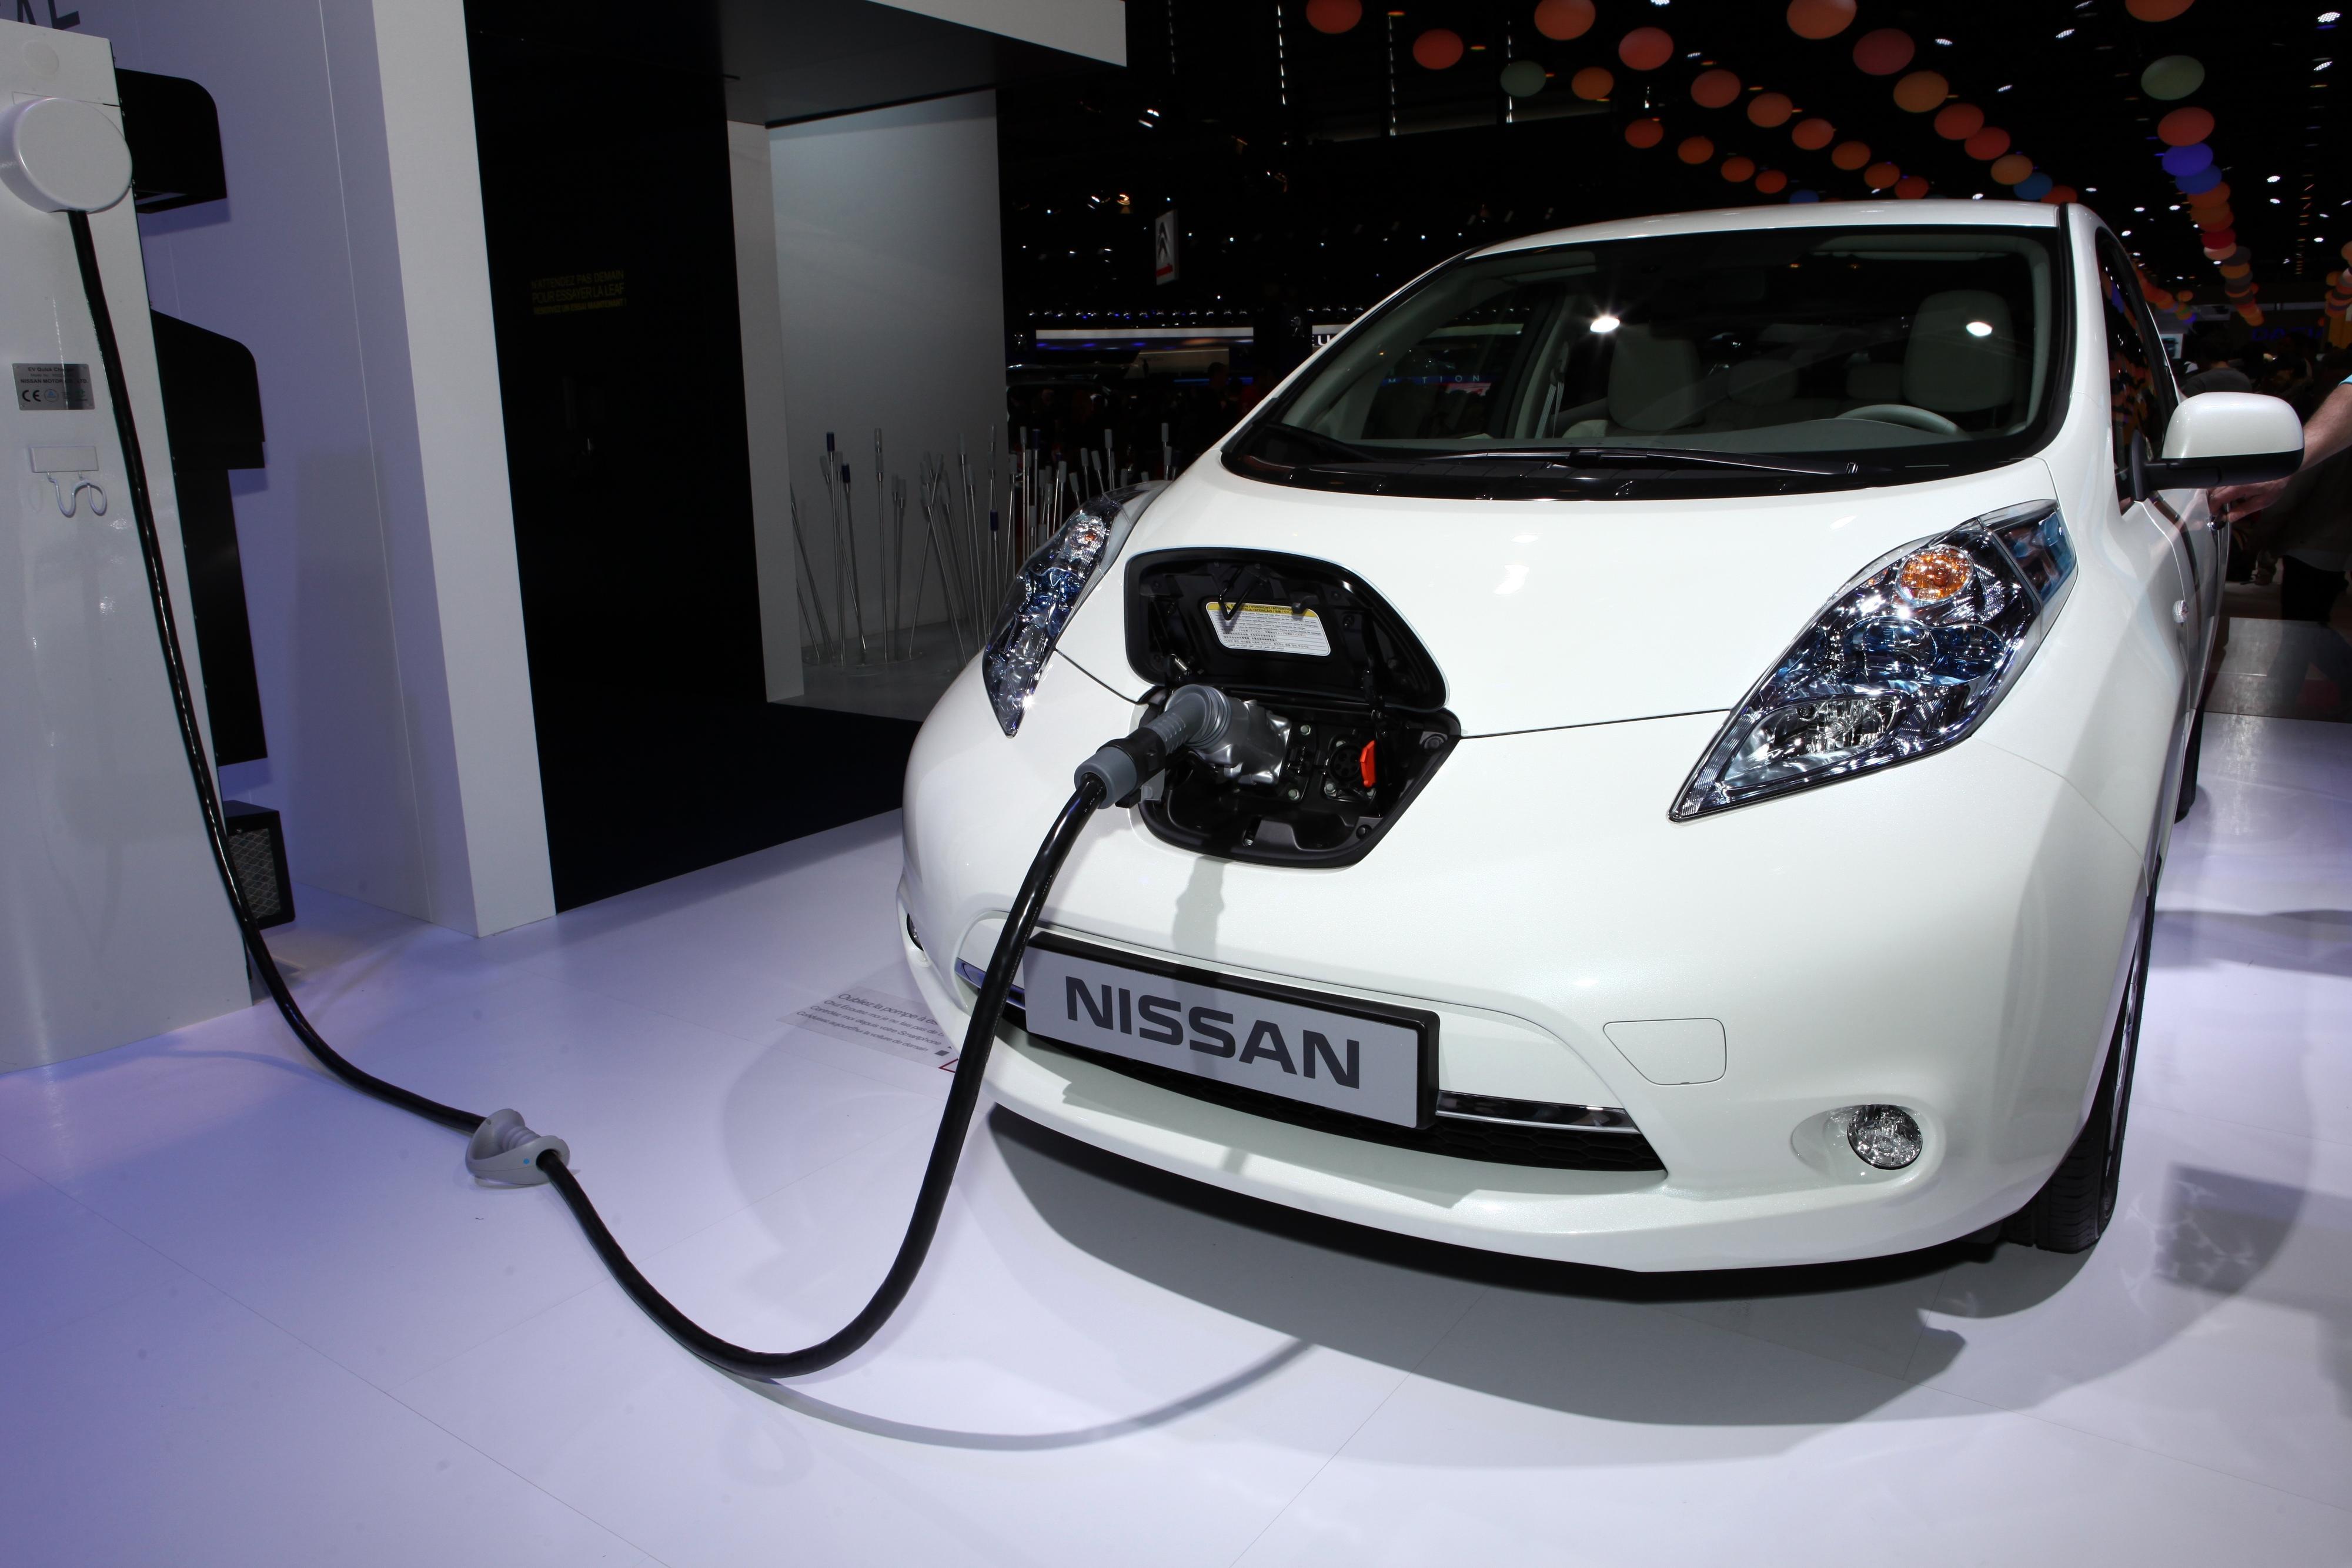 I en langtidstest av fire Nissan Leaf med litium-batterier kunne man ikke vise til store forskjeller mellom hurtiglading og vanlig lading. Foto: Stefan Ataman / Shutterstock.com